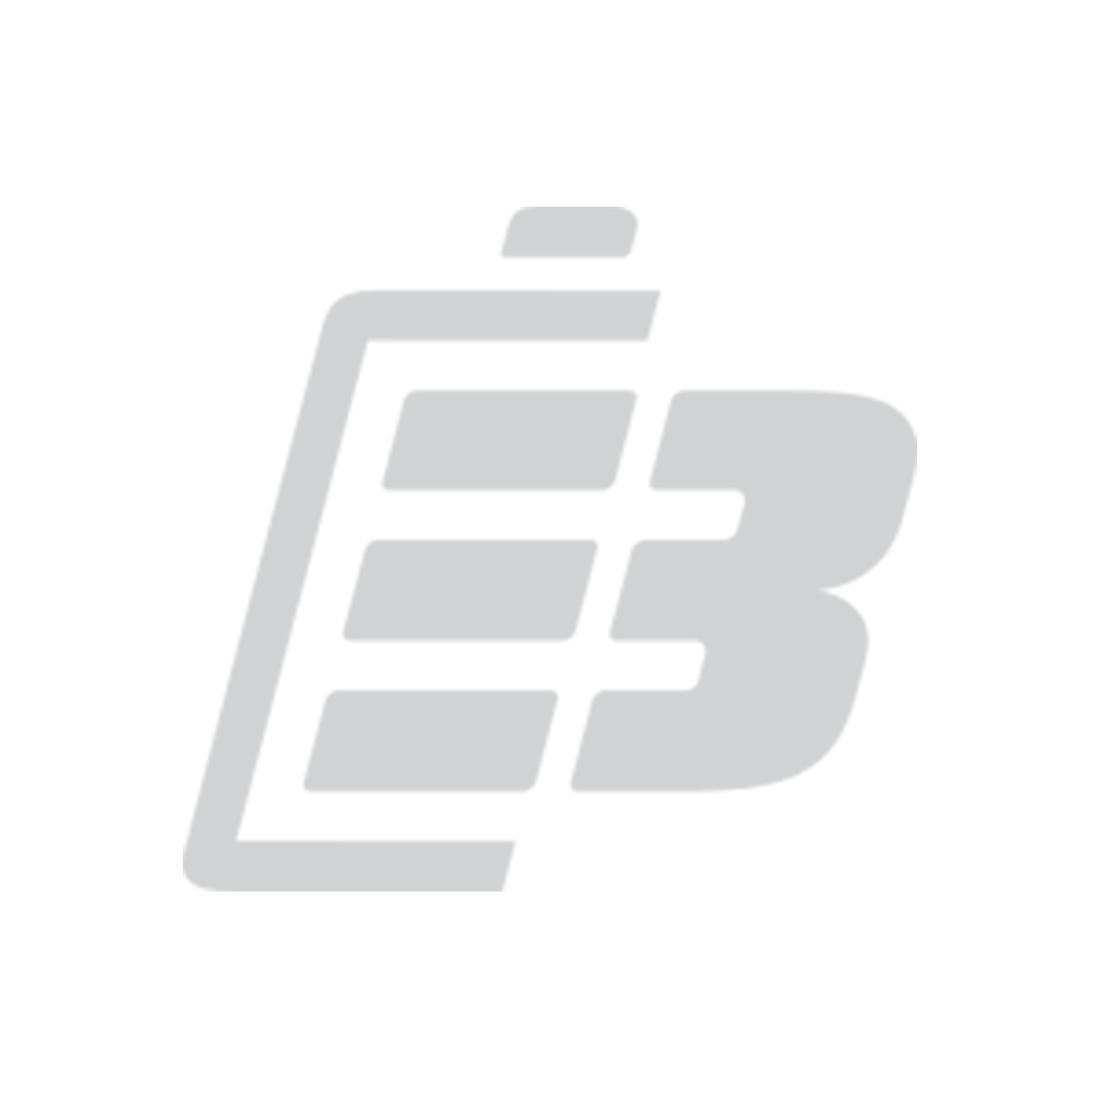 Μπαταρία ασύρματου router Huawei E5330_1